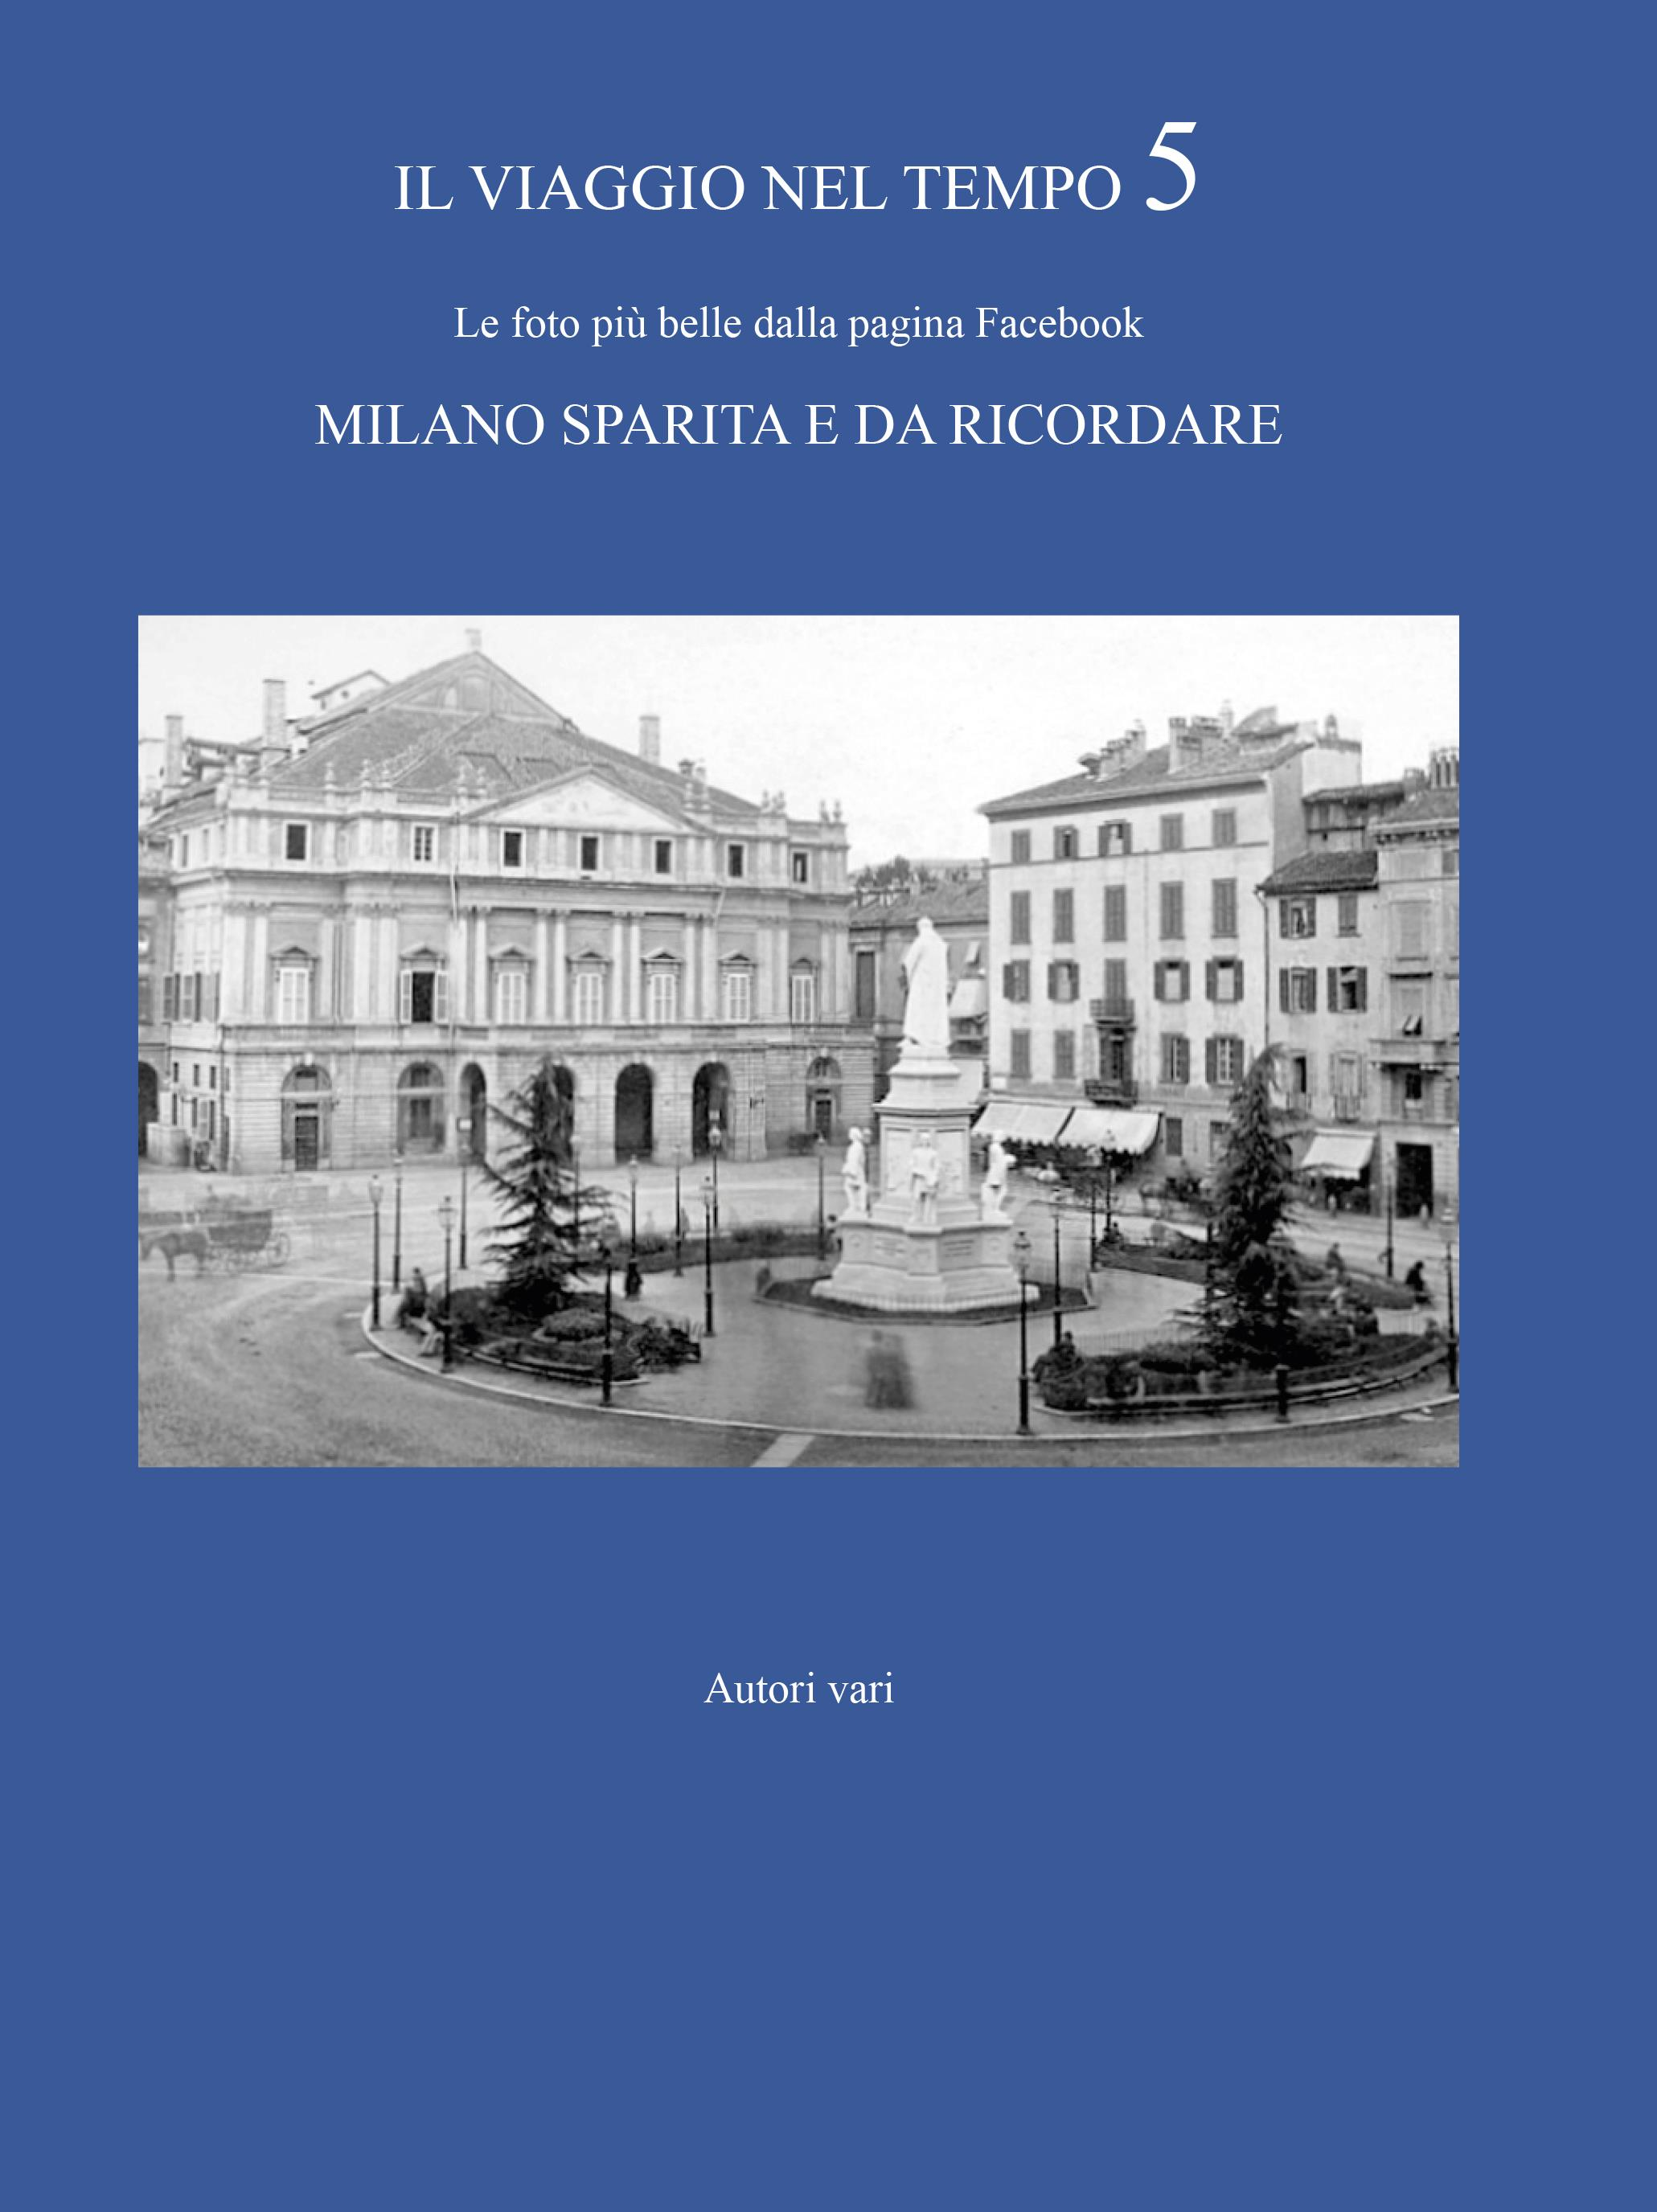 IL VIAGGIO NEL TEMPO 5 - Le foto più belle dalla pagina Facebook Milano sparita e da ricordare